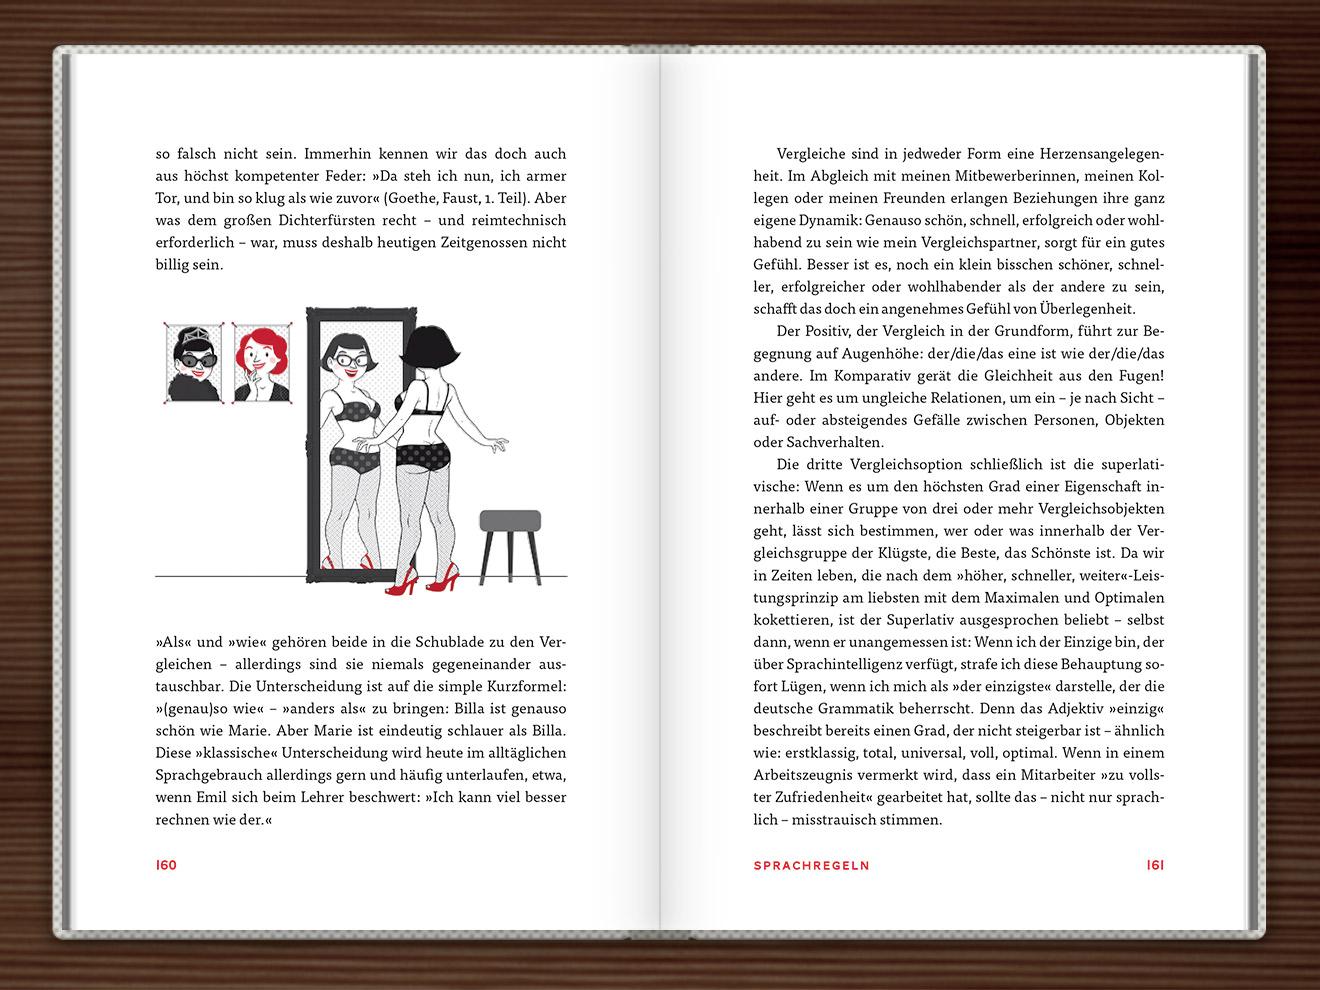 Vergleiche im Buch Du hast das Wort, Schätzchen! 100 charmante Geschichten rund um die Sprache im Duden Verlag von Rita Mielke mit Illustrationen im Sixties-Stil von Iris Luckhaus